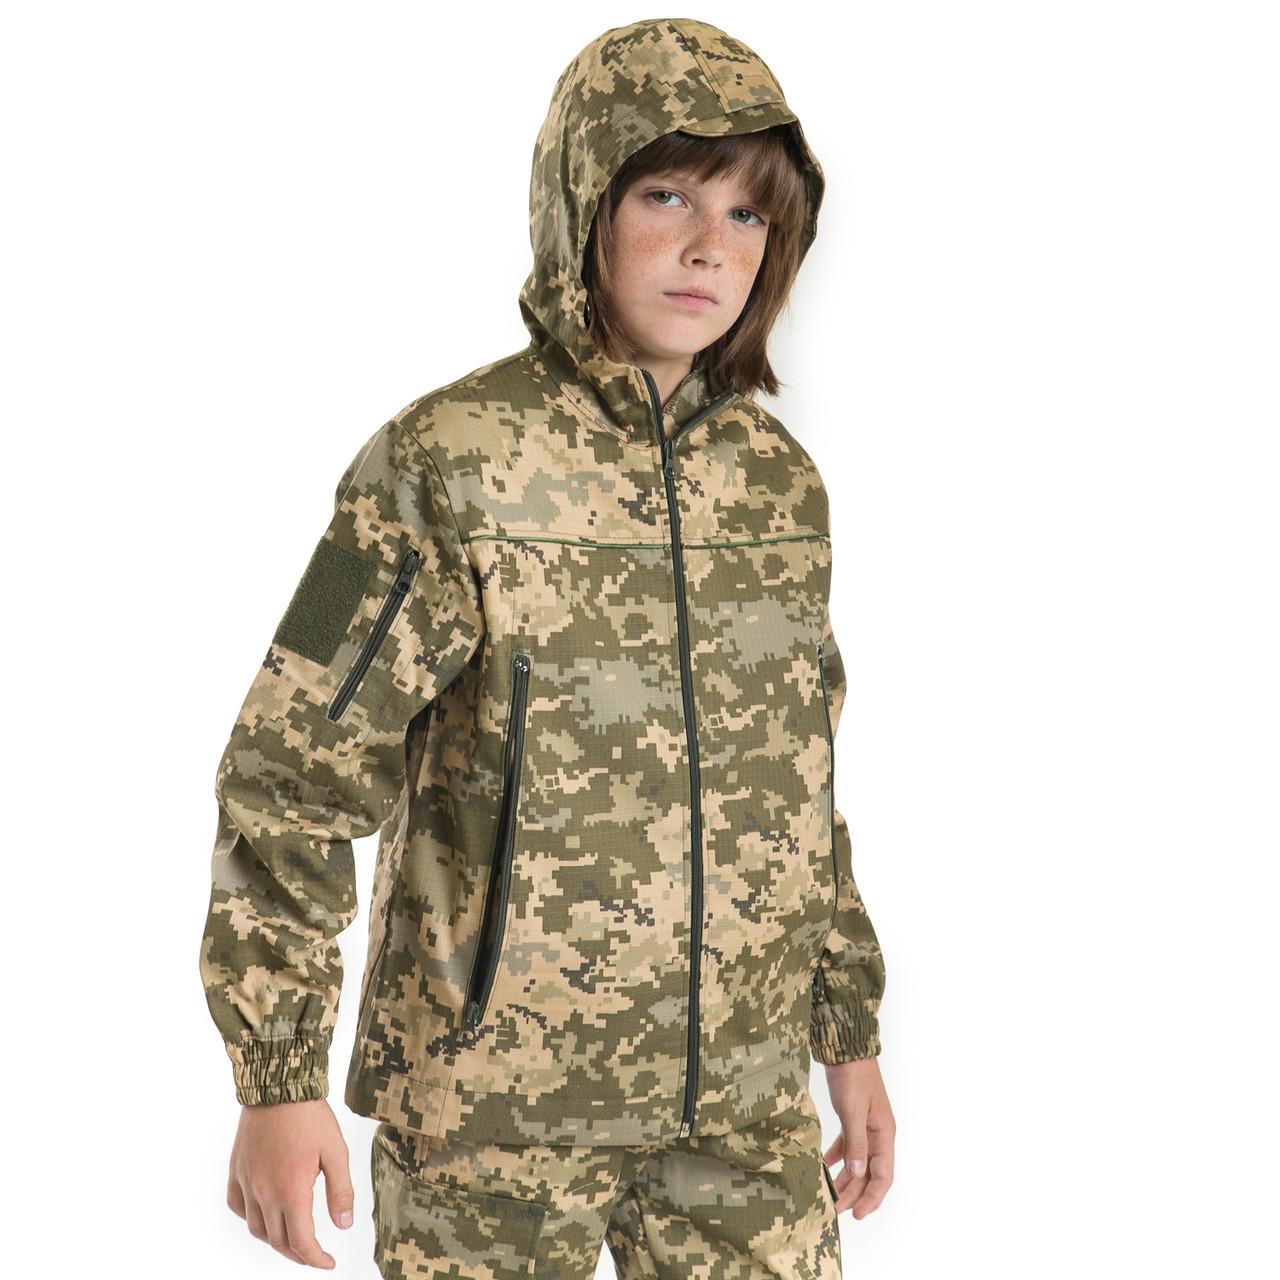 Детская куртка Скаут камуфляж Пиксель